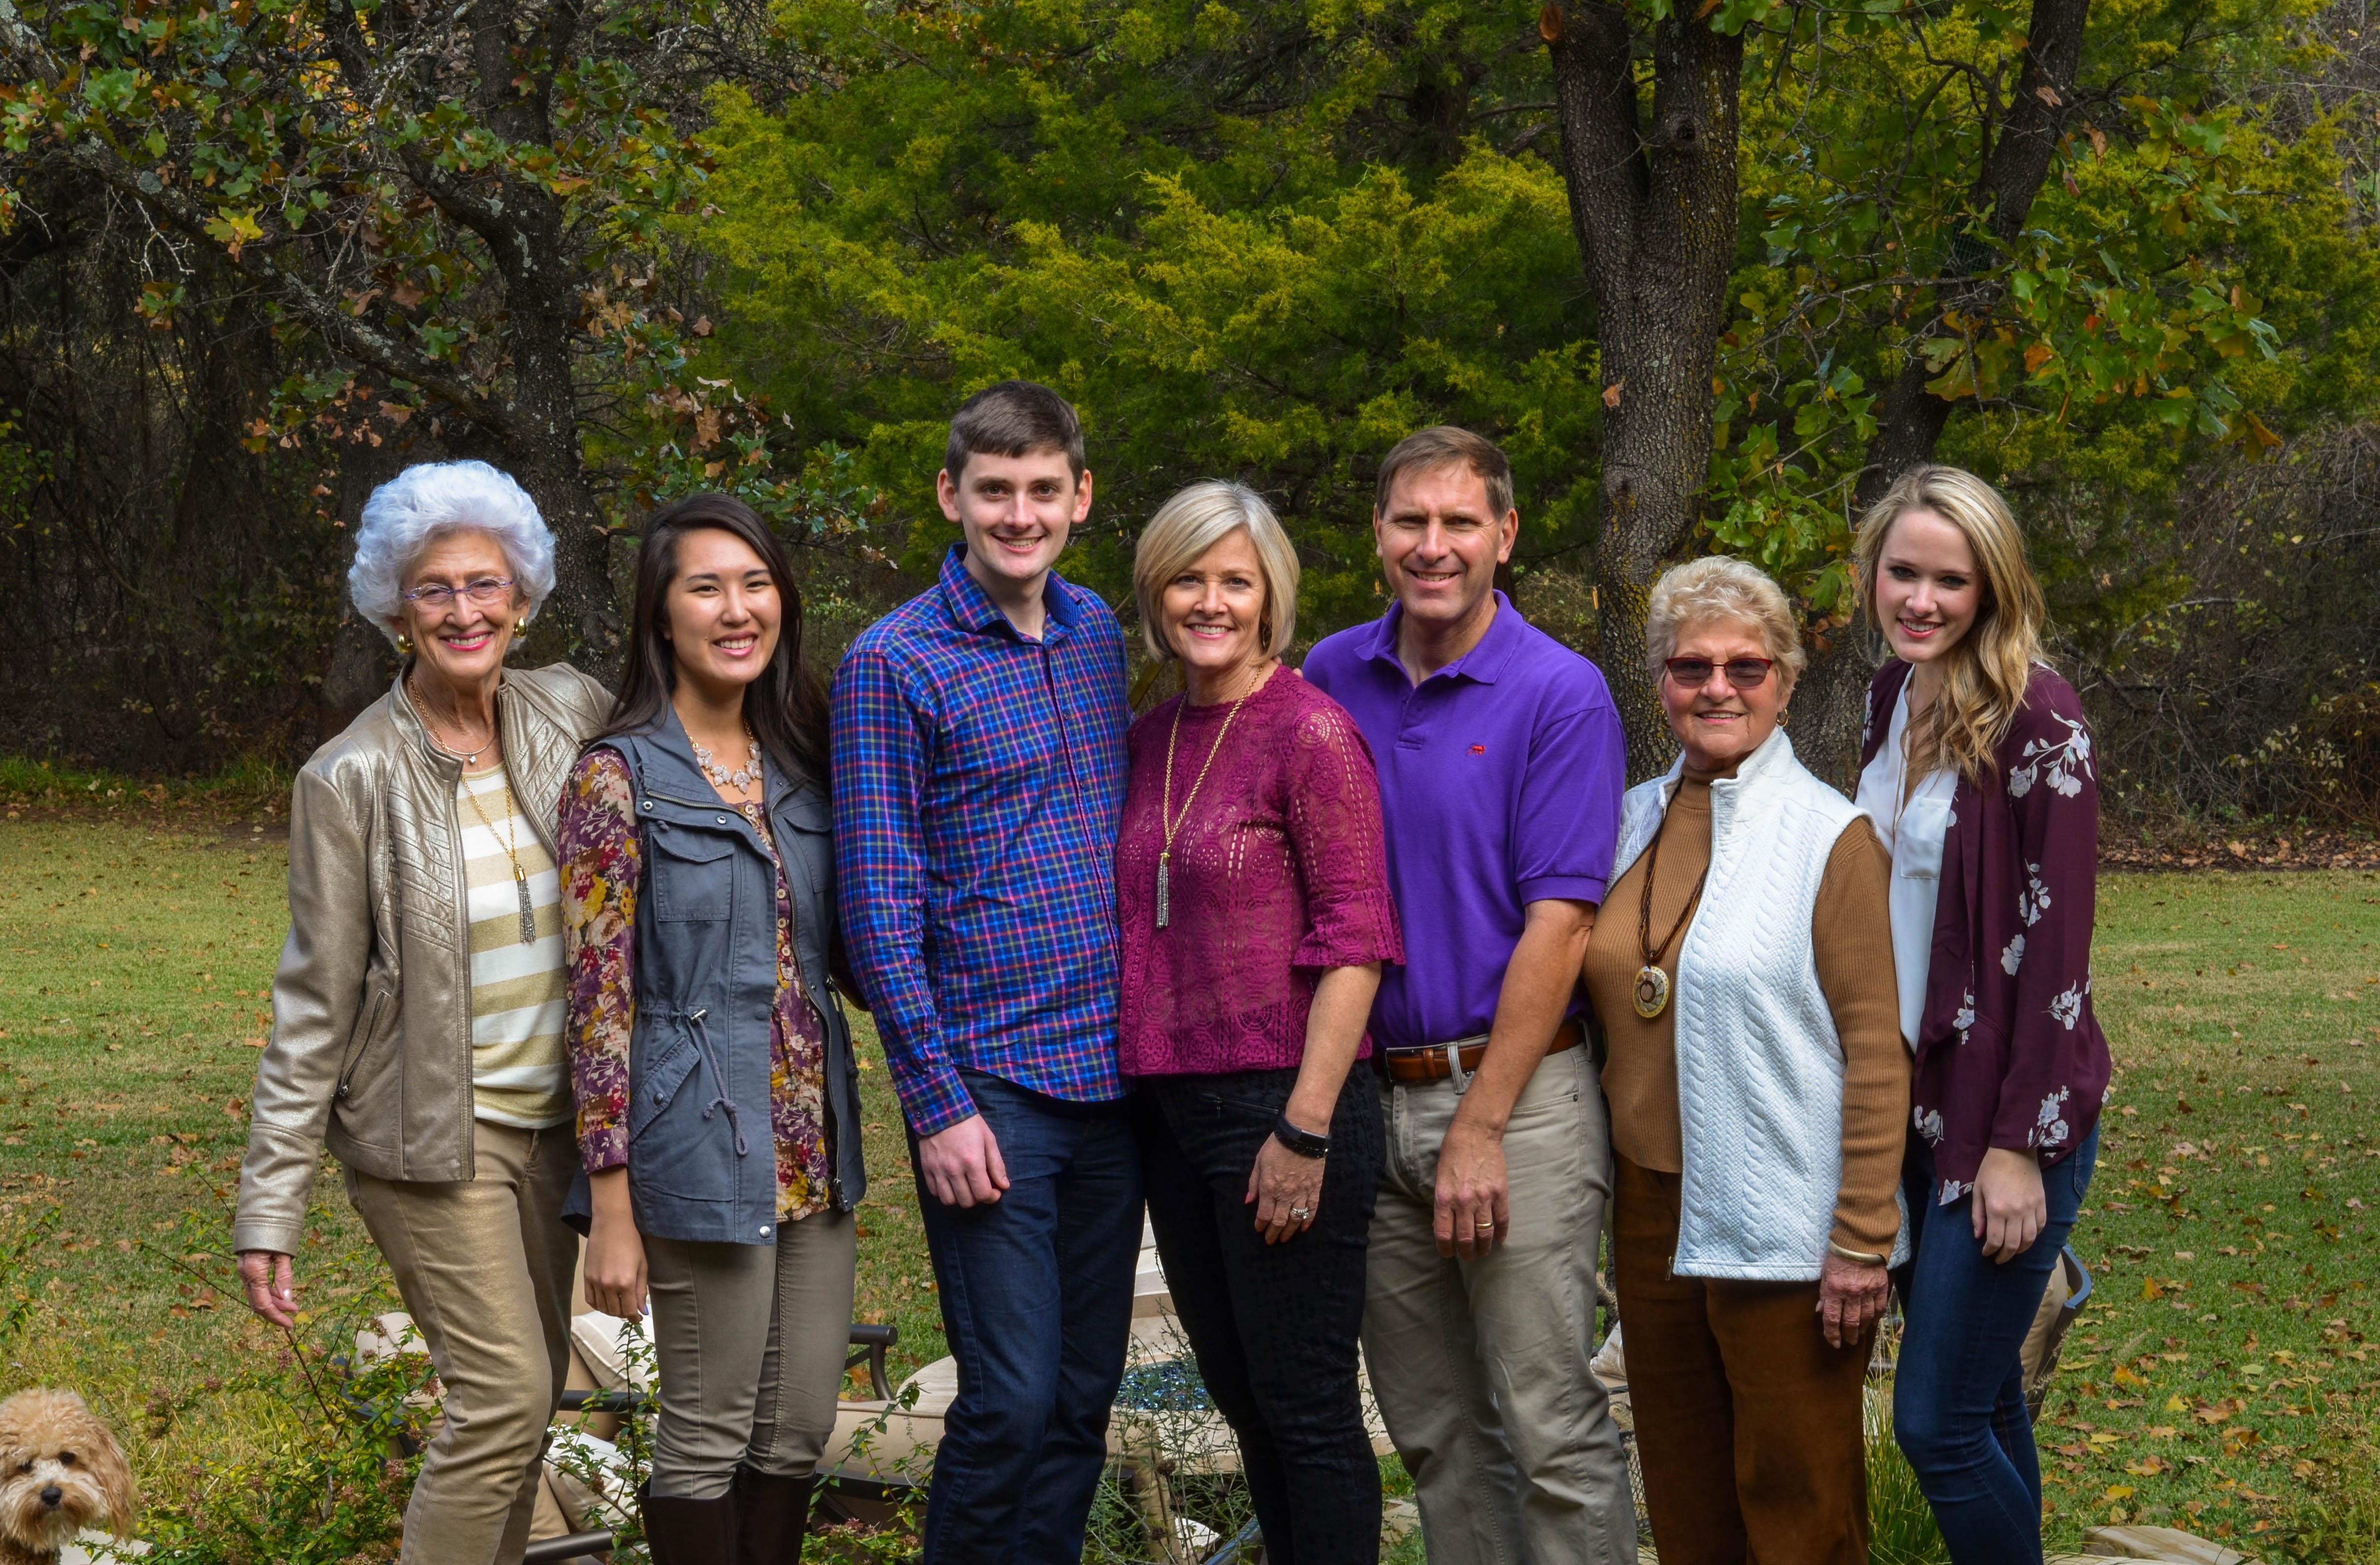 Family Photo + Shiner!